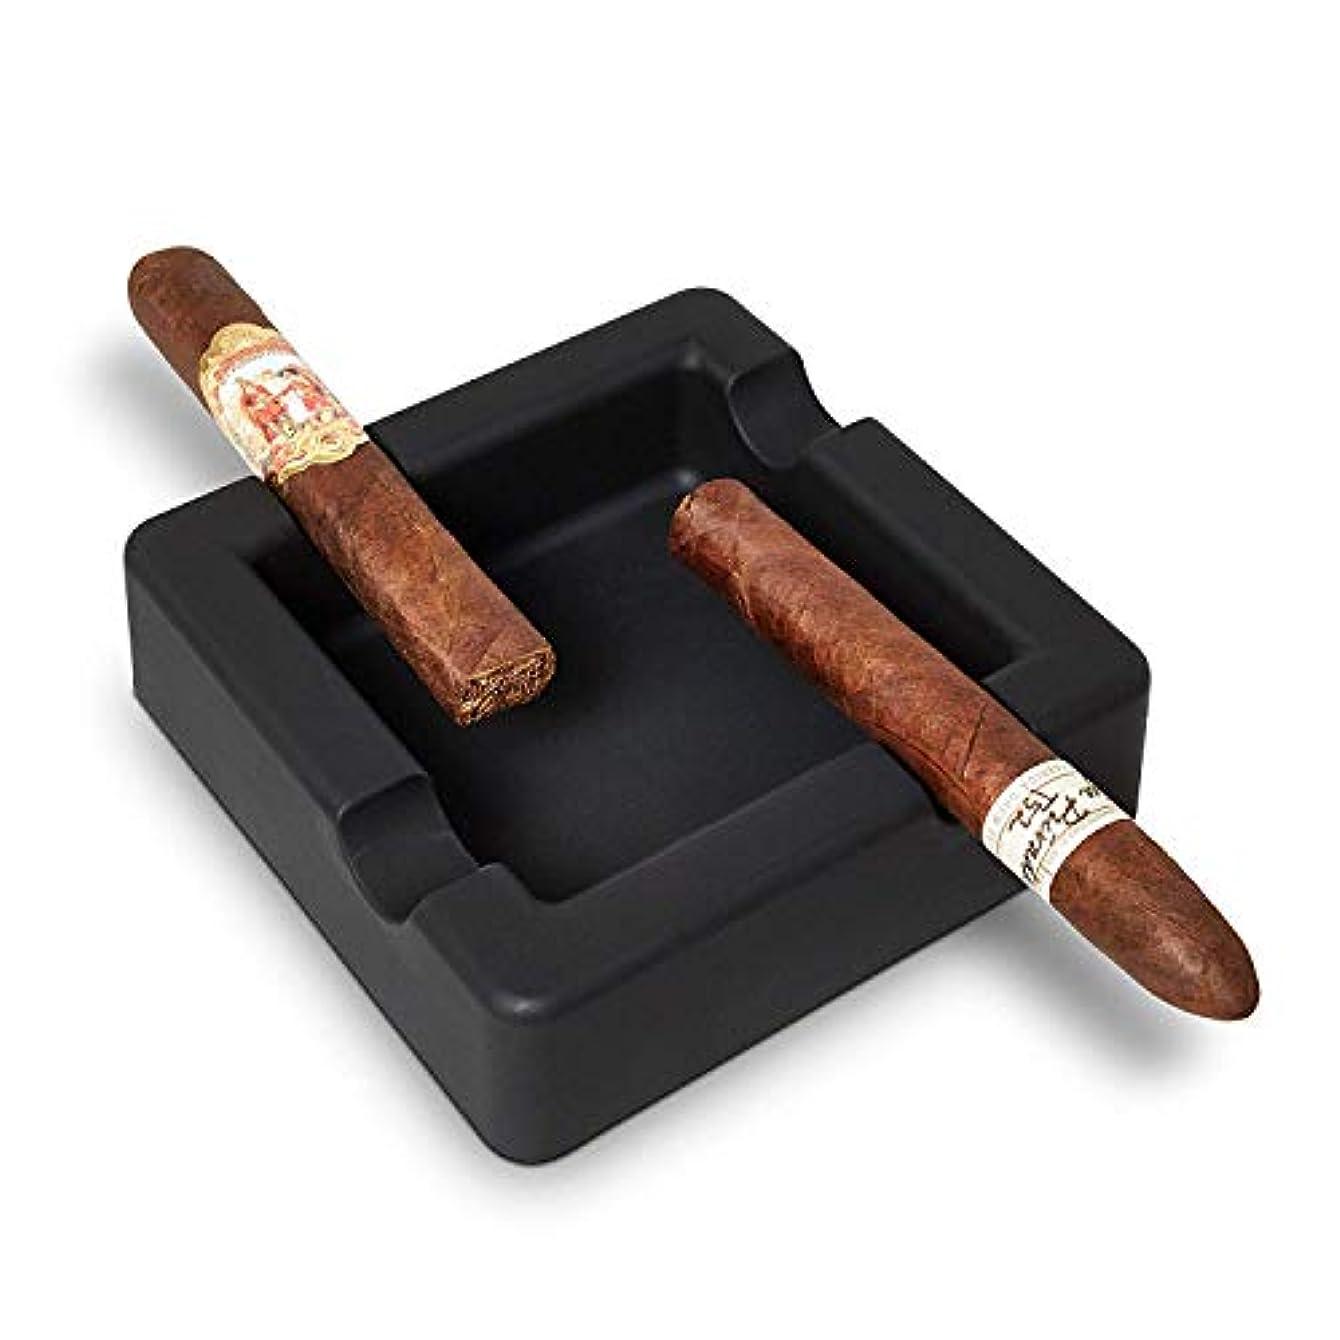 ルーキー忠実にギャザーシガー灰皿 - 屋外アンブレイカブルシガー灰皿 - 大ゲージの葉巻をサポート - ワイド棚 - ディープボウル - 葉巻喫煙者のためのシガー喫煙によるデザイン - パティオプールボートのための事務所柔軟なシリコーン